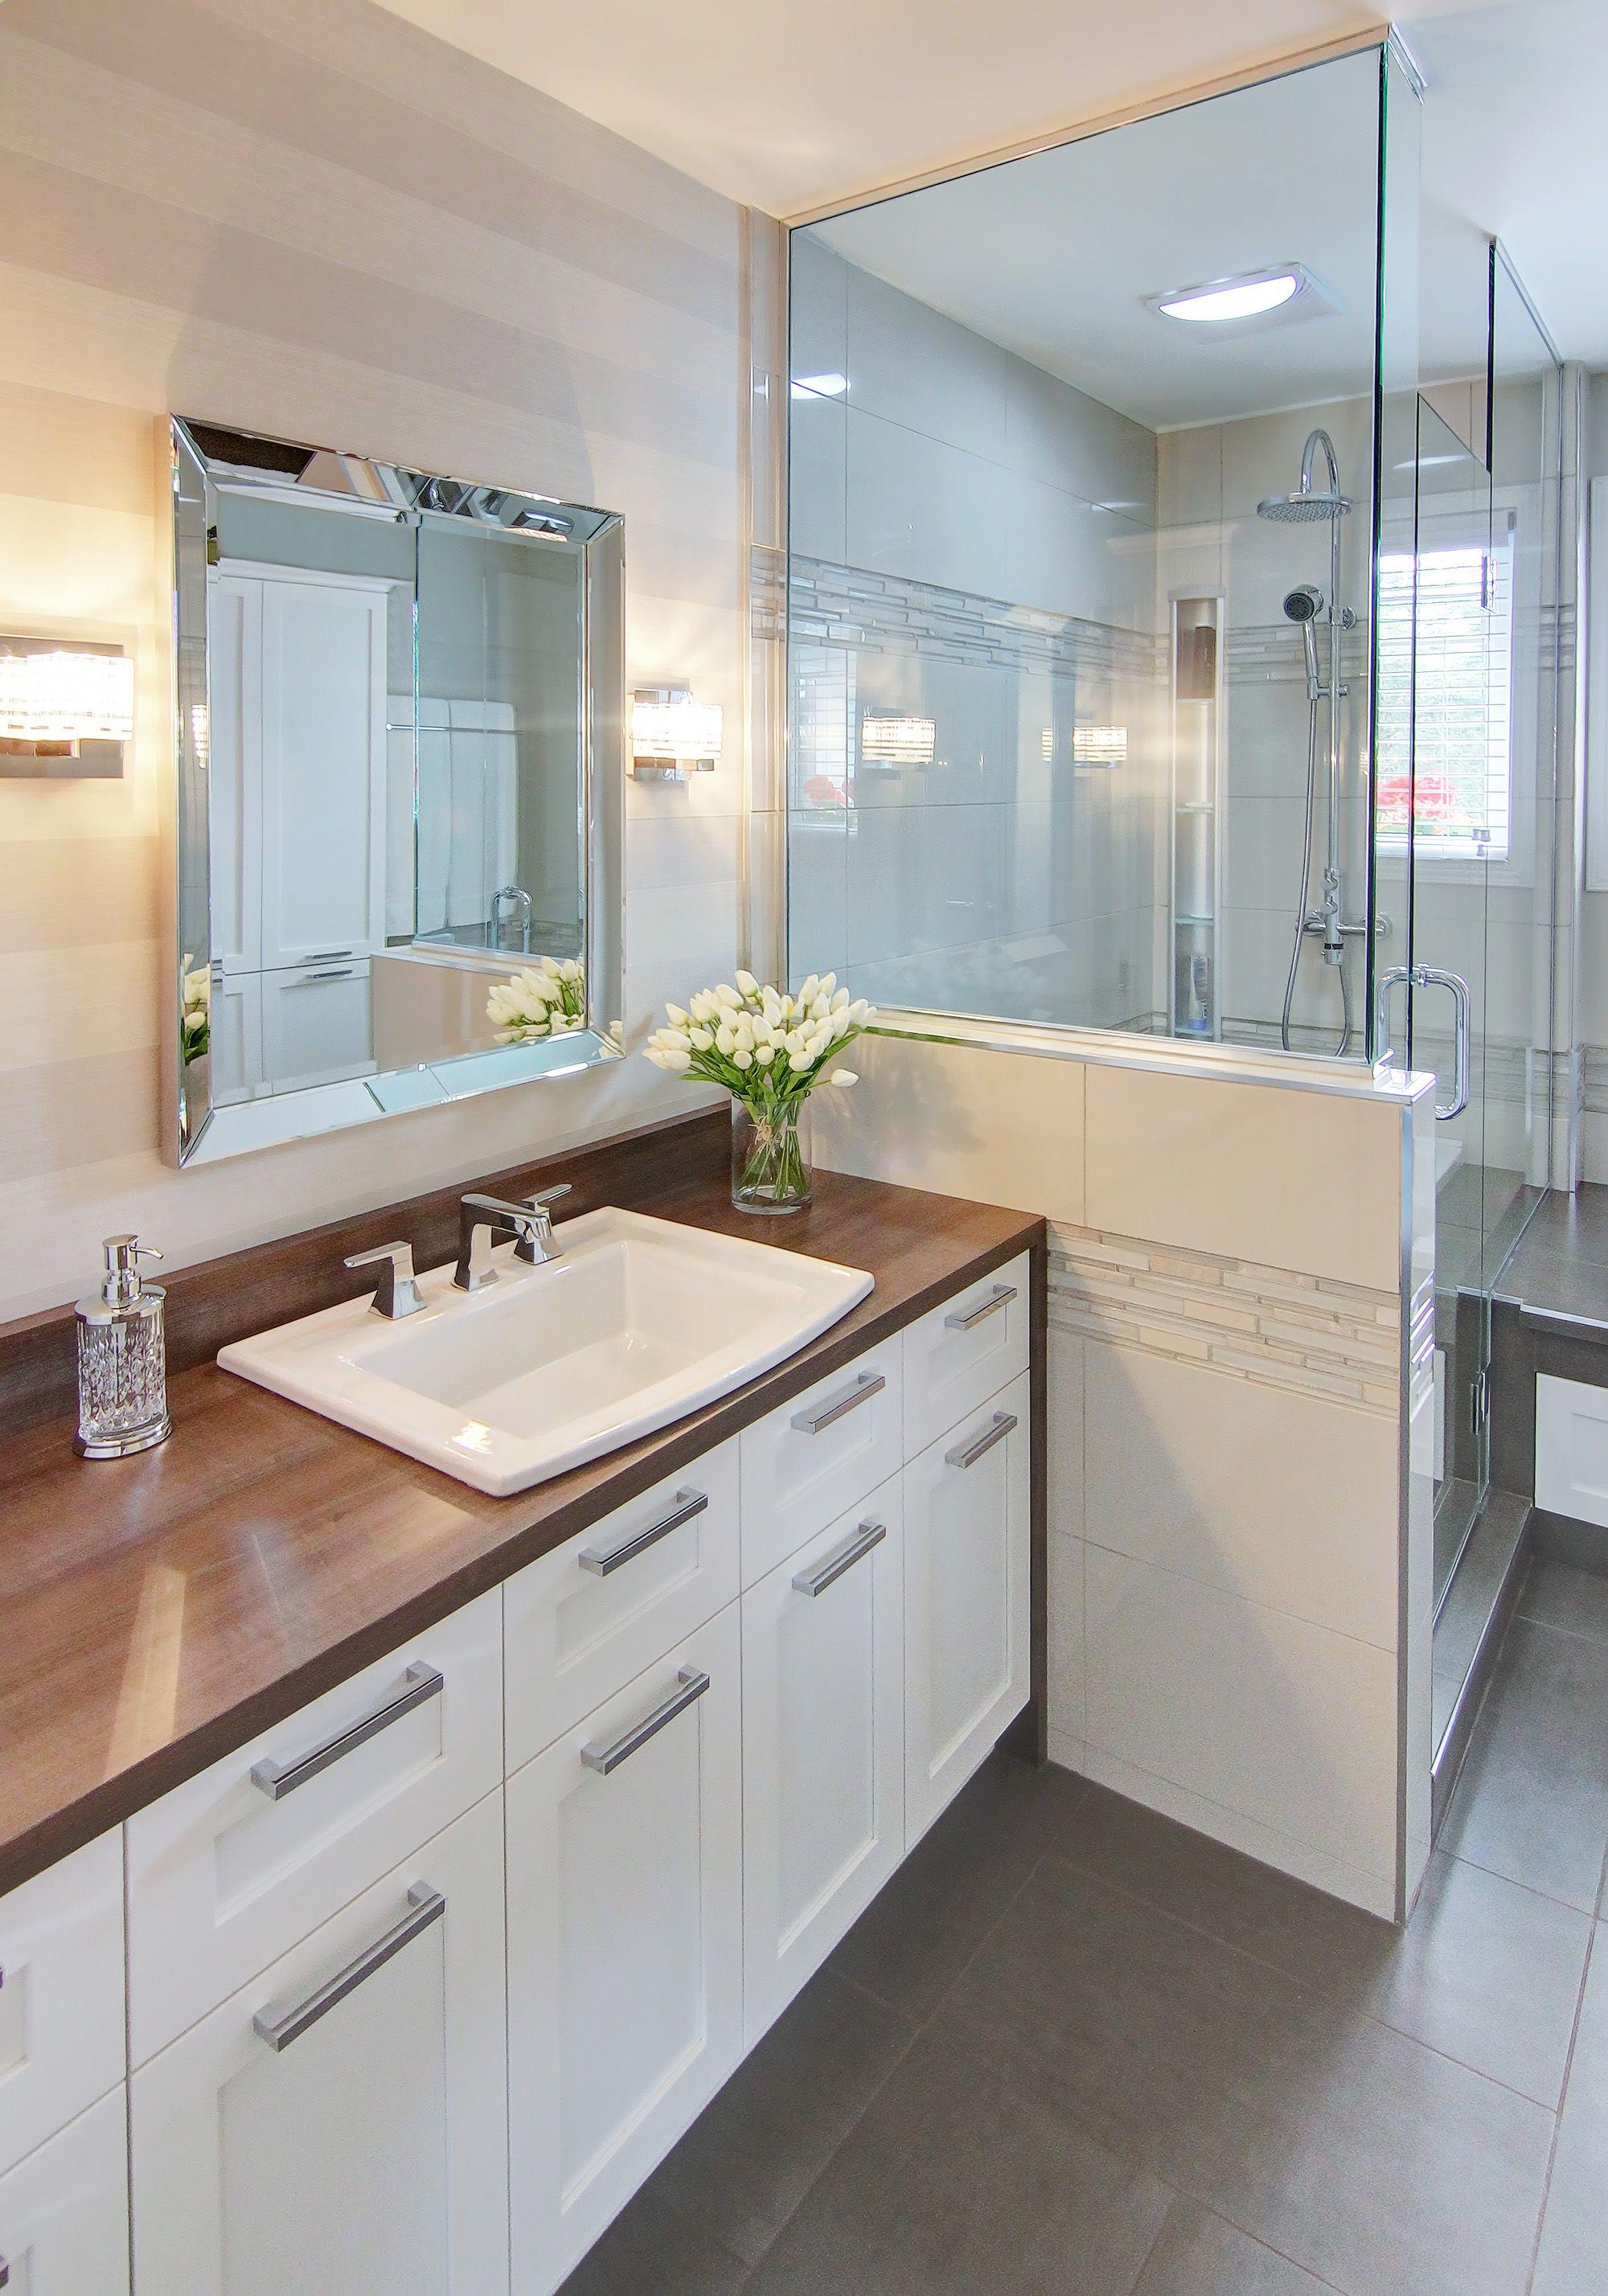 salle de bain chic classique design par st phanie gagnon bianc design info bianco design. Black Bedroom Furniture Sets. Home Design Ideas